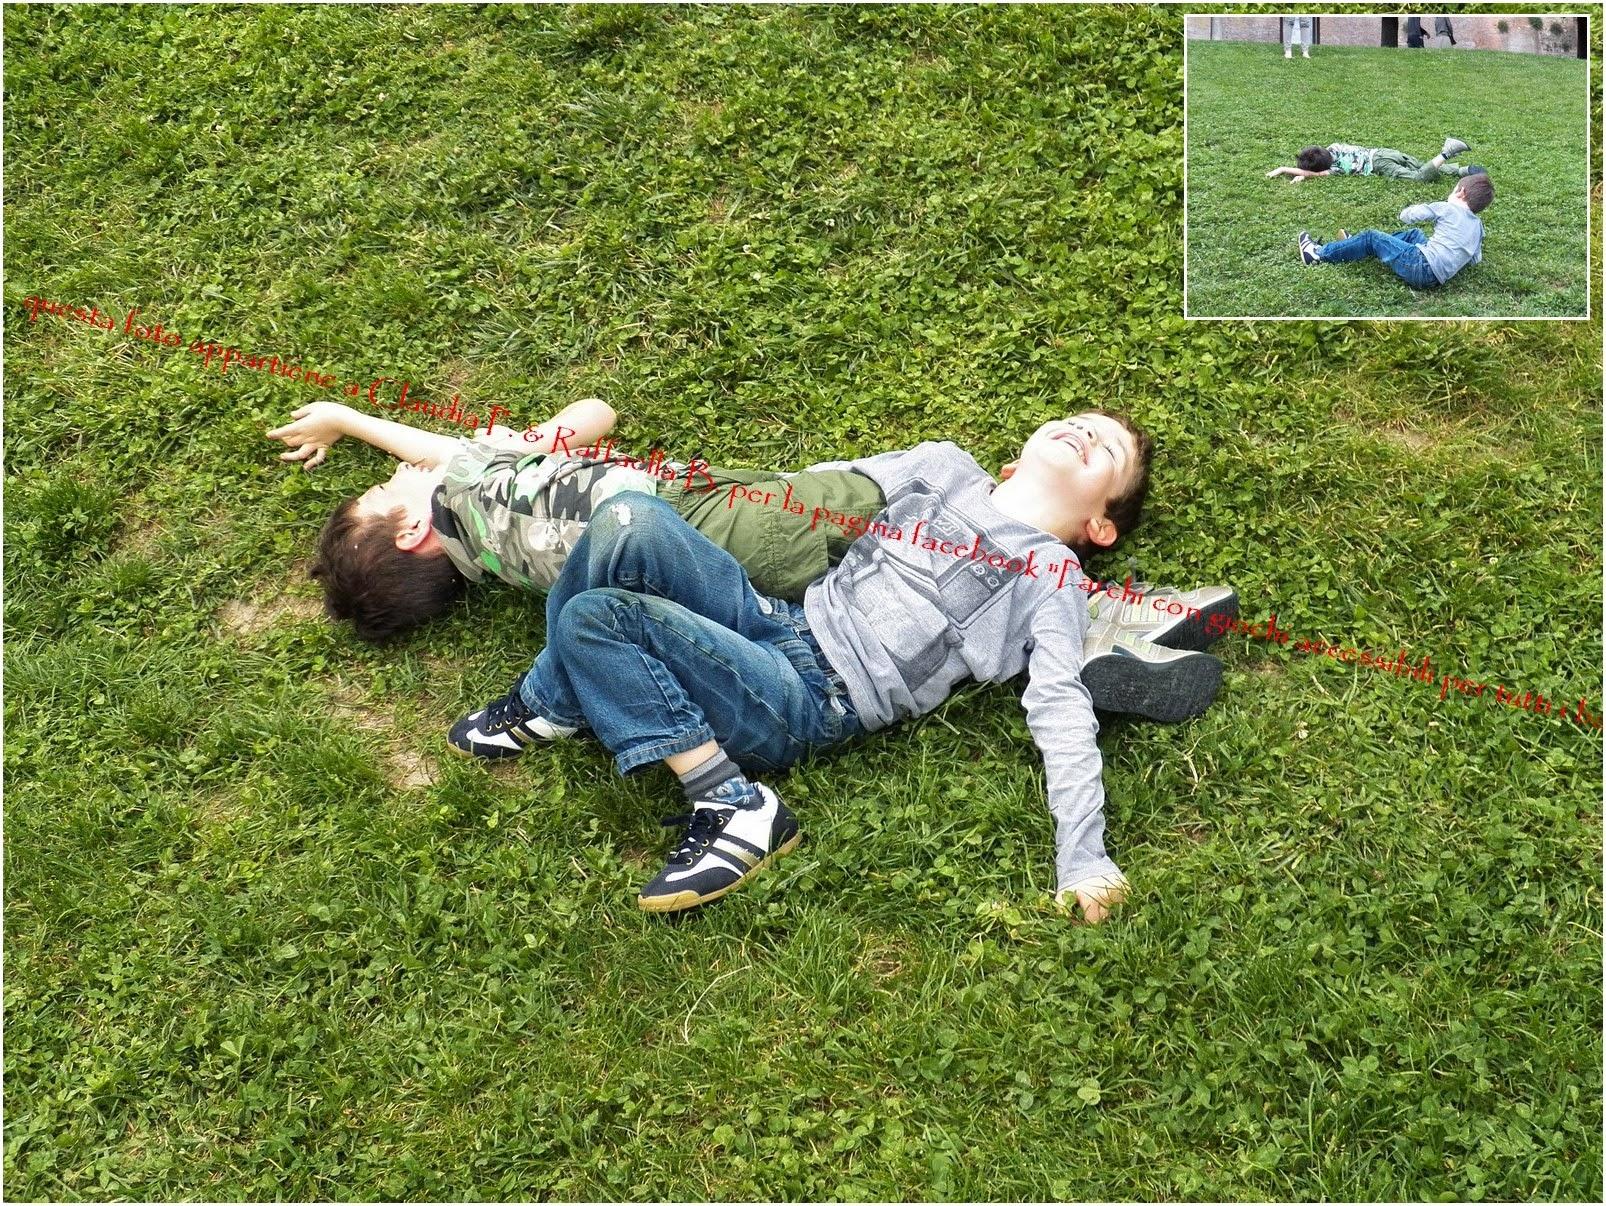 Photo: Cosa fanno i bimbi al parco oltre a usare scivolo, altalena e giochi a molla, (specialmente se non sono adatti a tutti i bambini)? Fanno i rotoloni dalla collinetta, ridono come matti e tornano a casa con i pantaloni e la maglia macchiati d'erba :-D